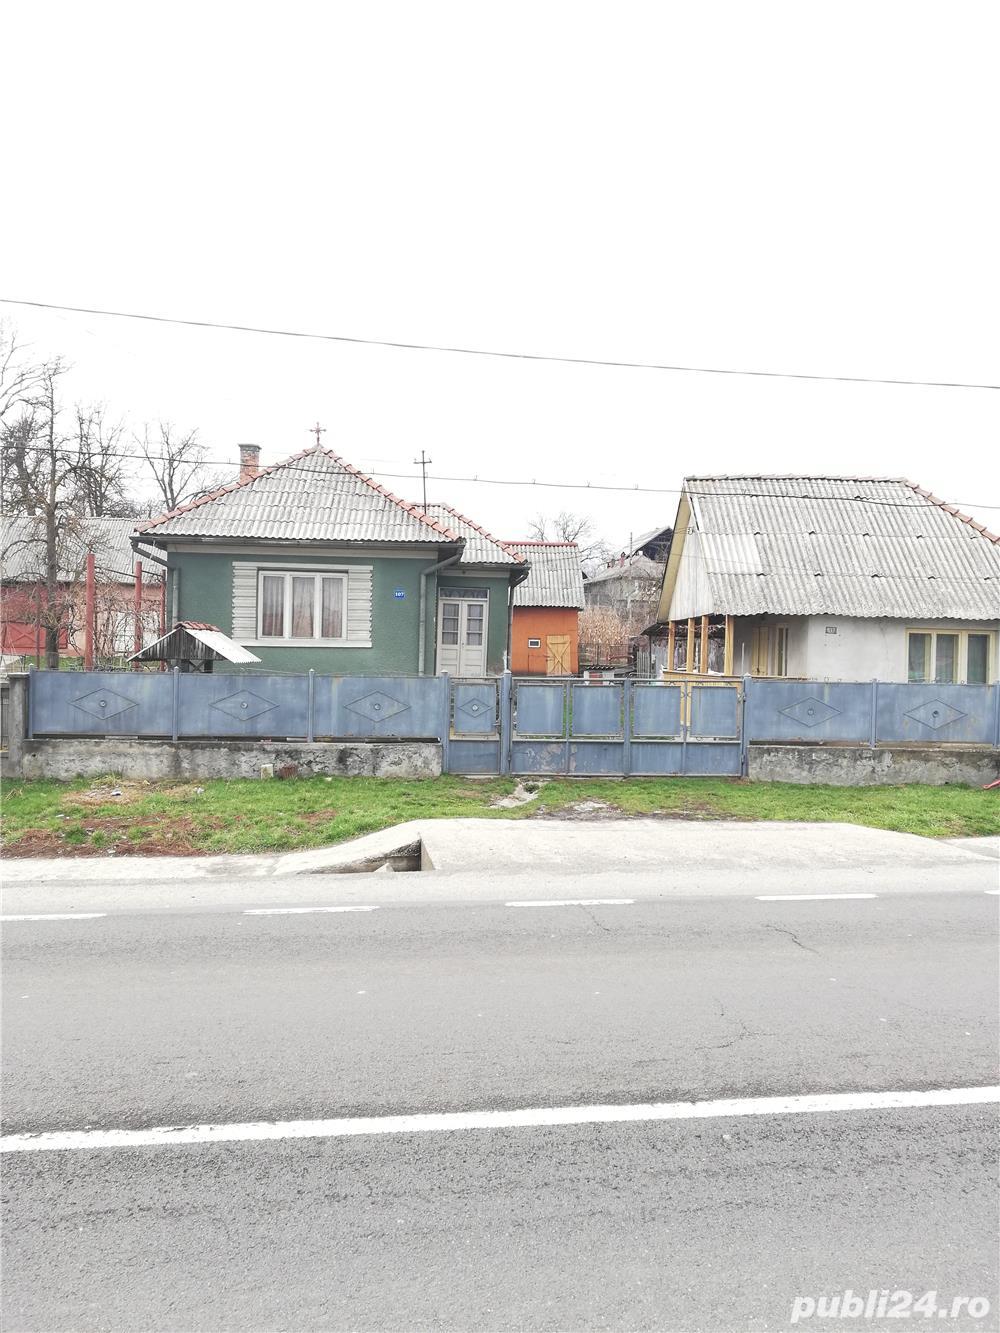 Casa de vanzare in localitatea Uriu, imobilul este inscris in Cf ...............